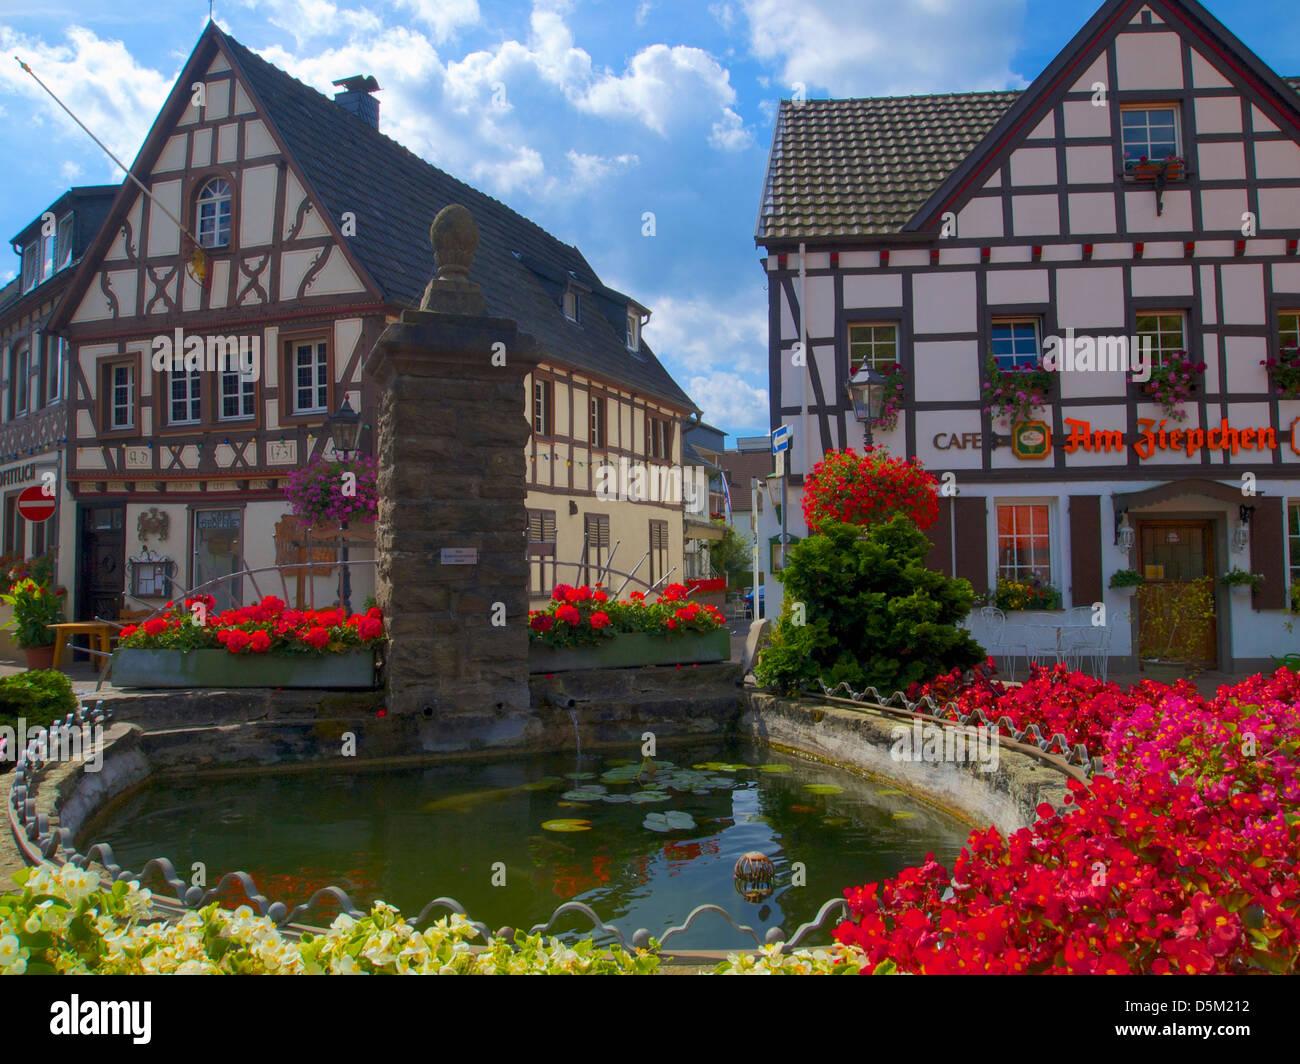 ziepchensplatz, bad honnef-rhöndorf, rhein-sieg district, nordrhein-westfalen, germany Stock Photo